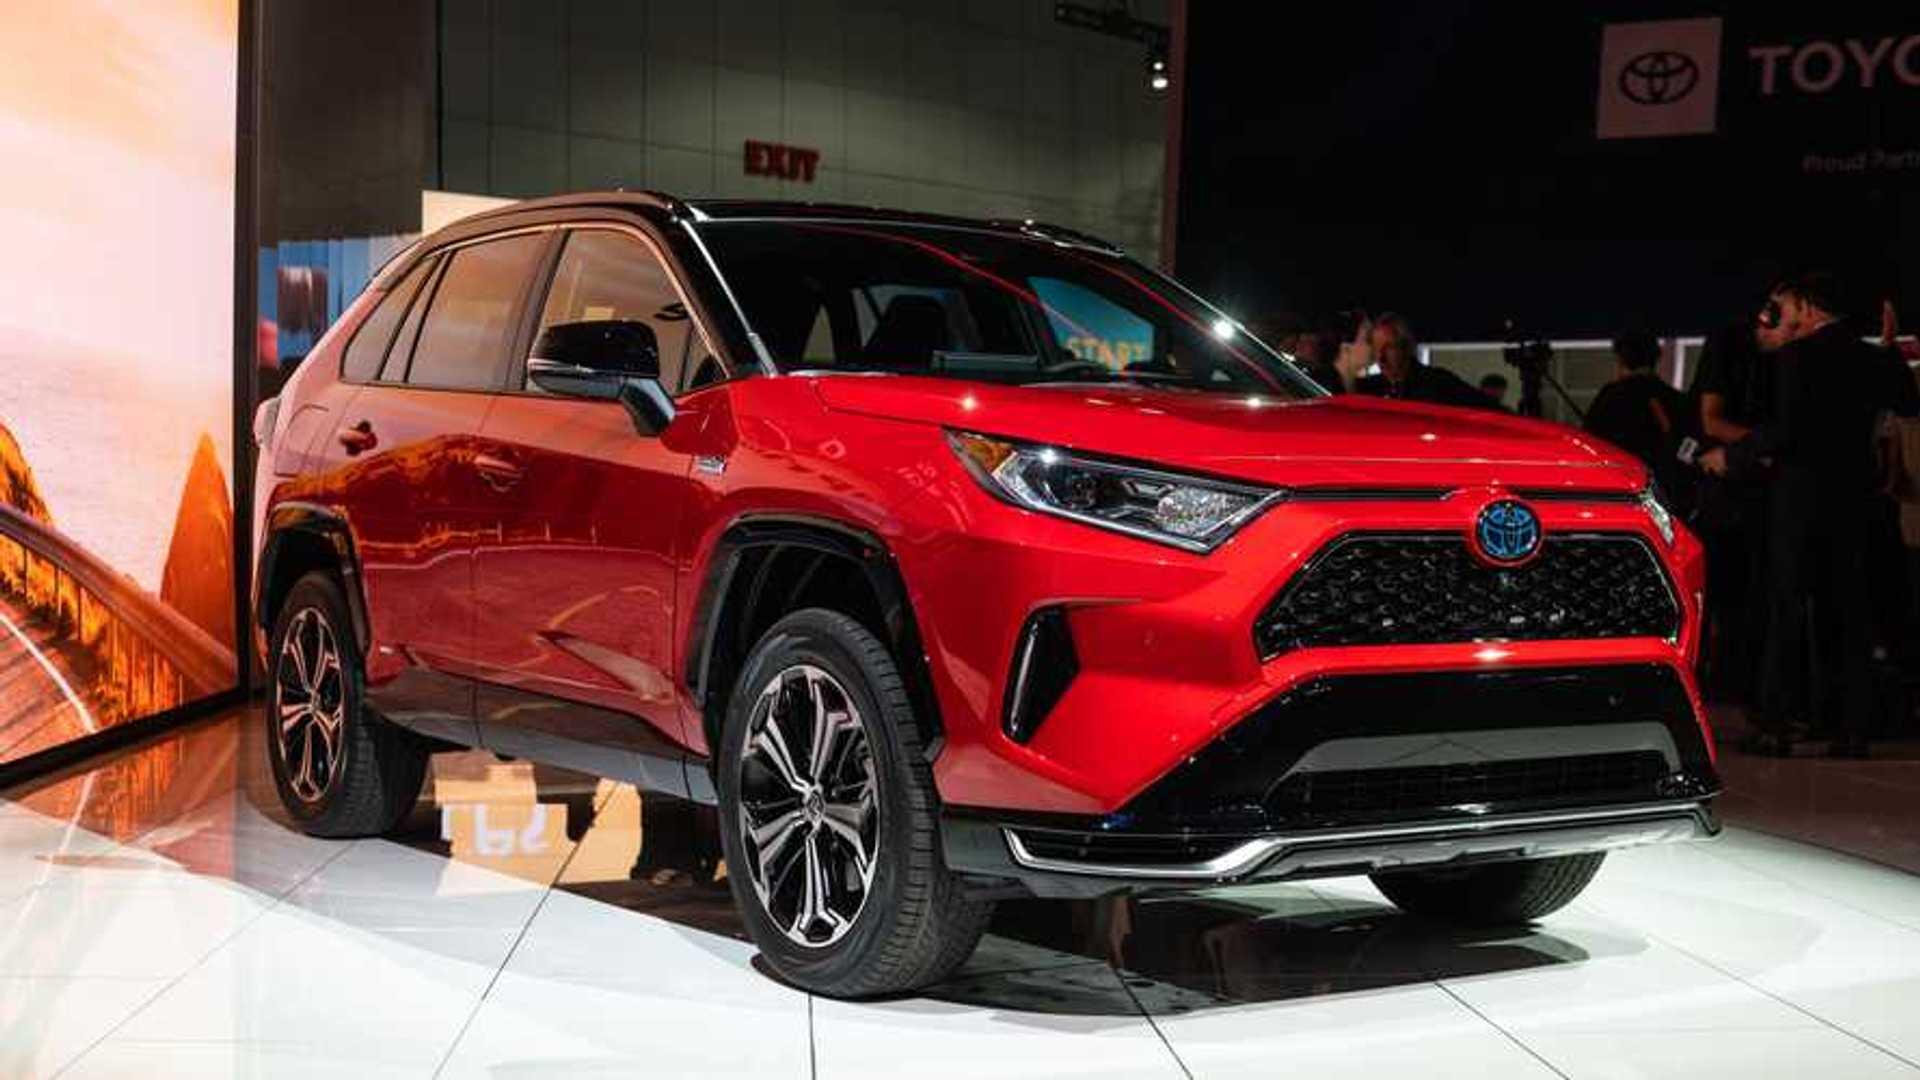 Update Toyota Rav4 Prime Debuts Plug In Power And Impressive Range